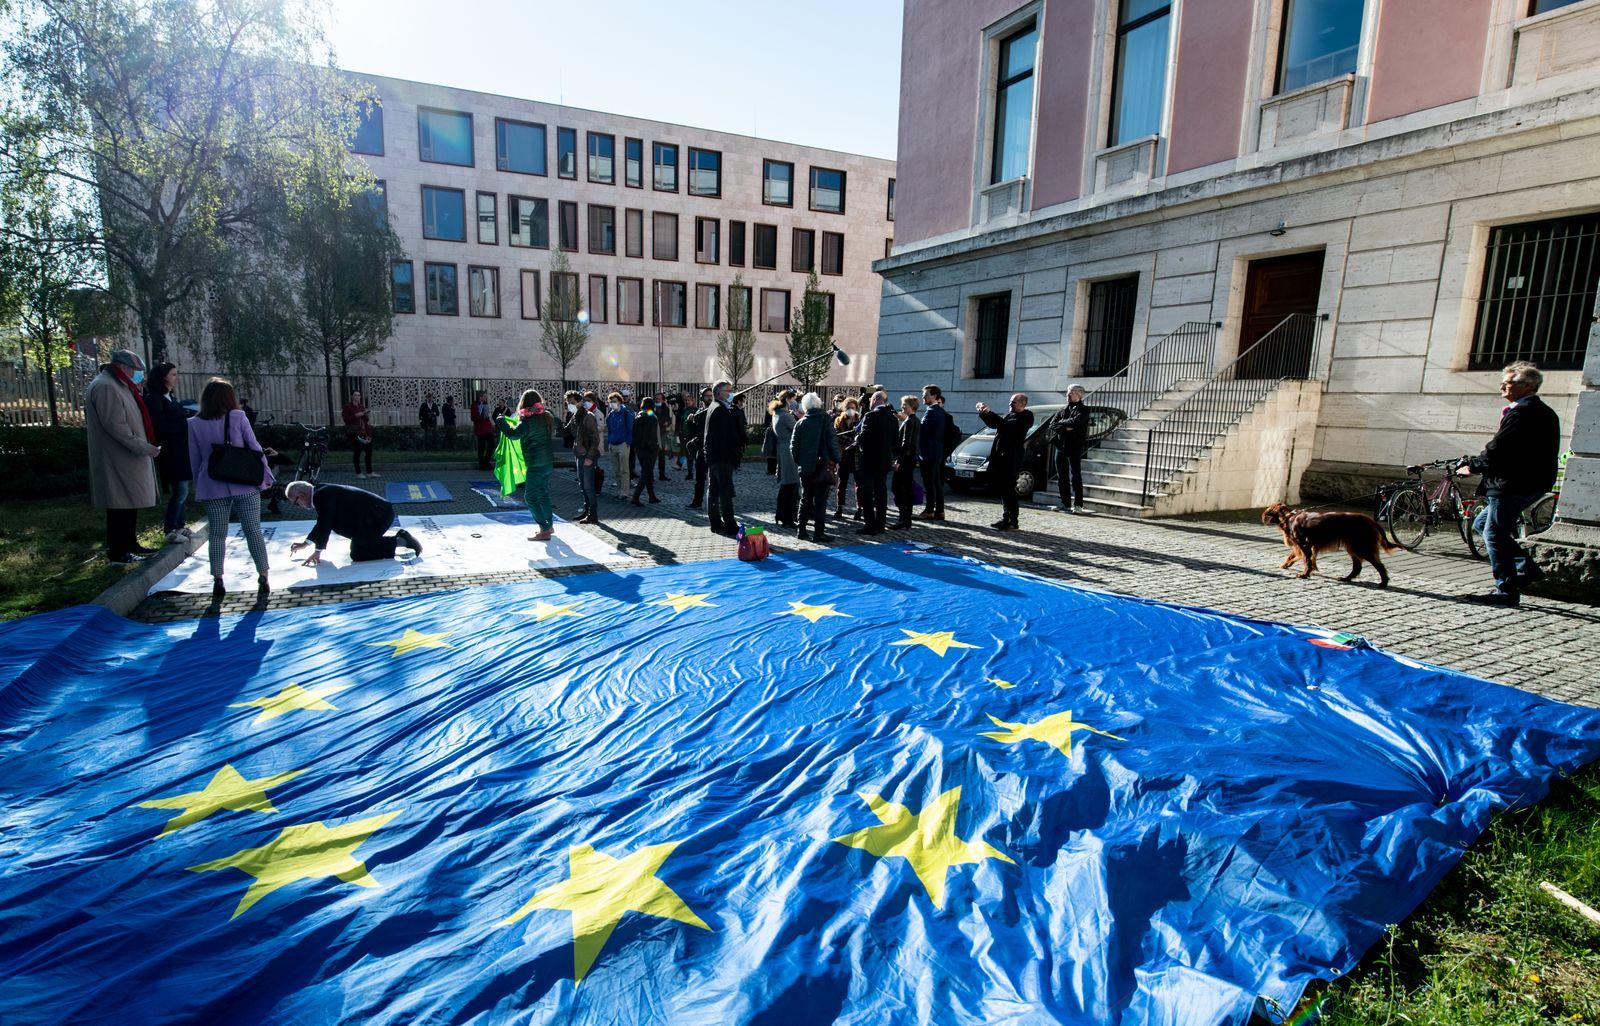 Coronavirus - Solidaritätsaktion mit Italien in Berlin